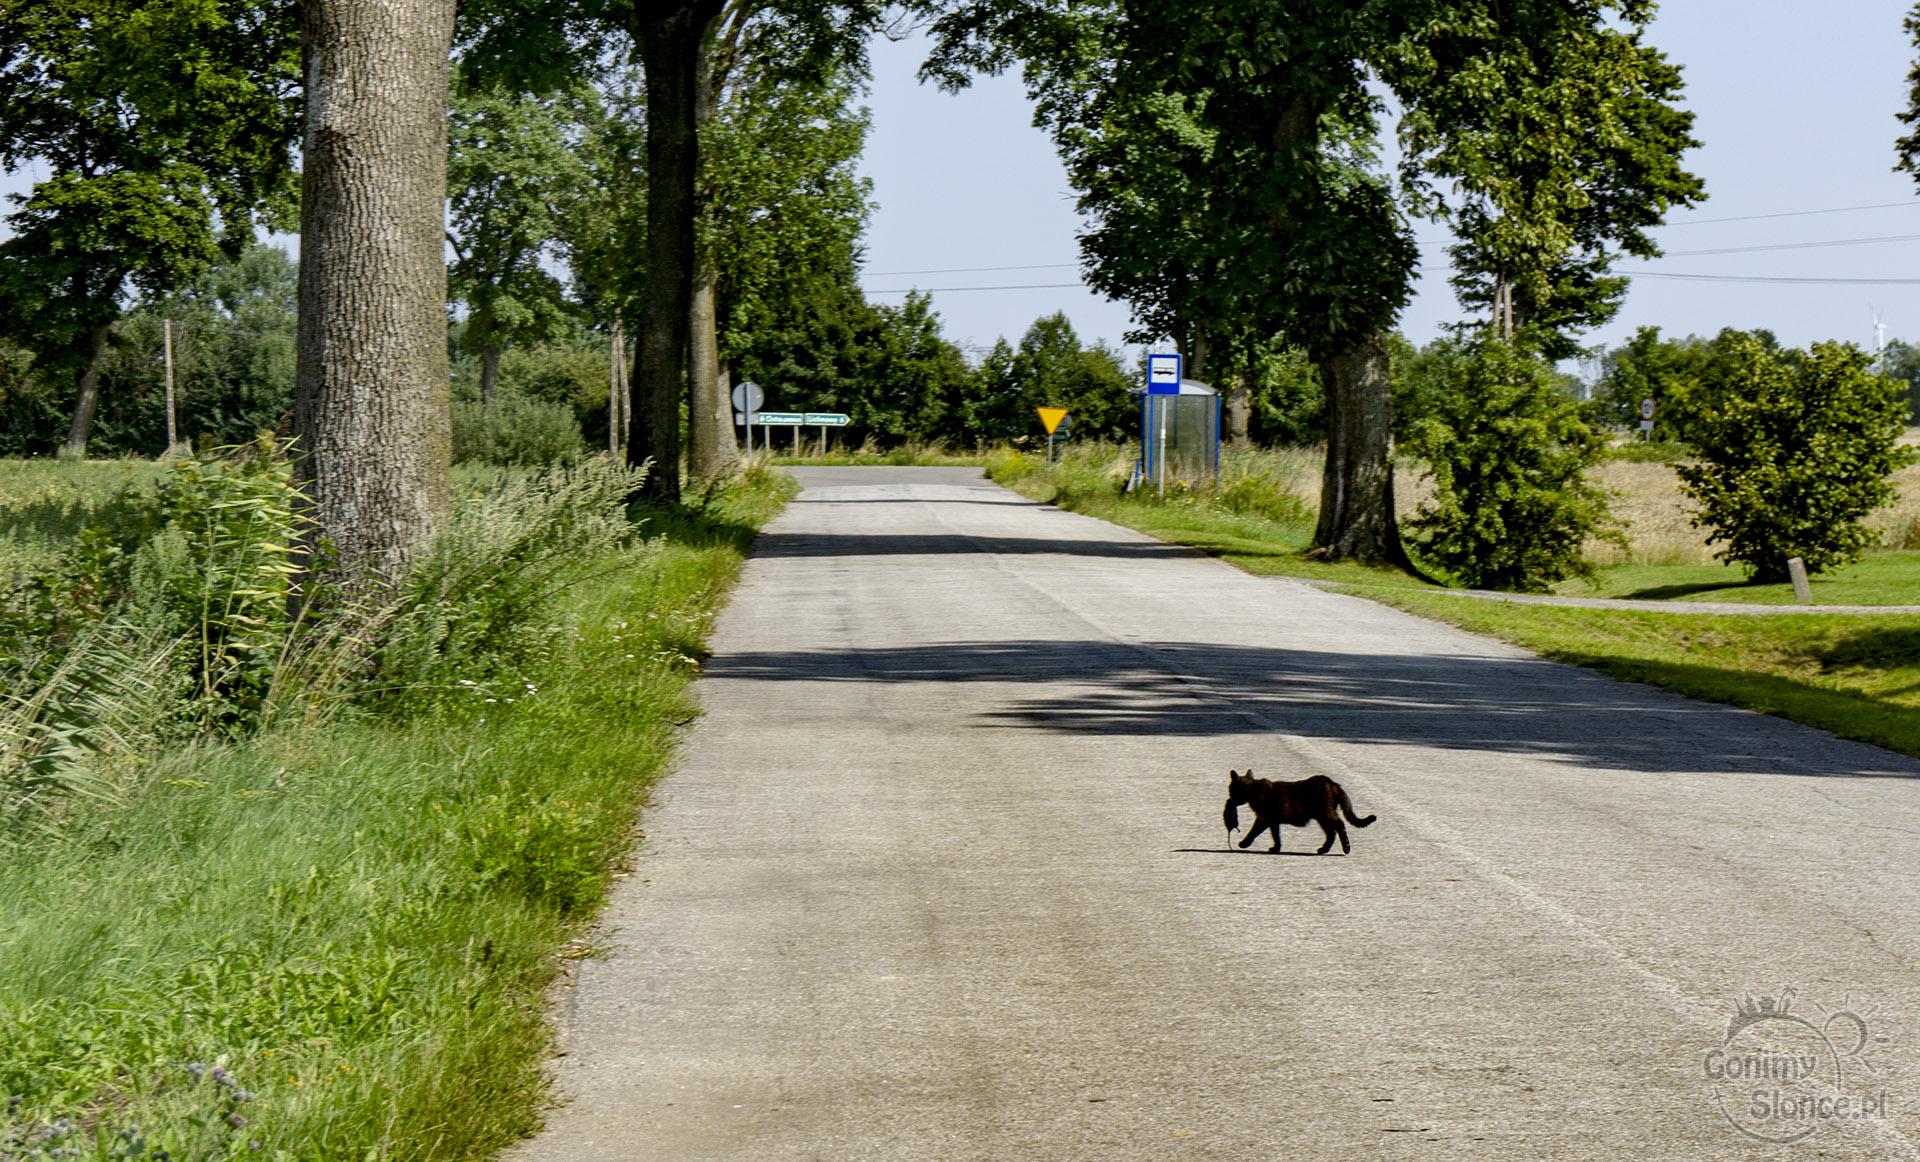 Kot upolował mysz - Żuławy i wiejskie życie